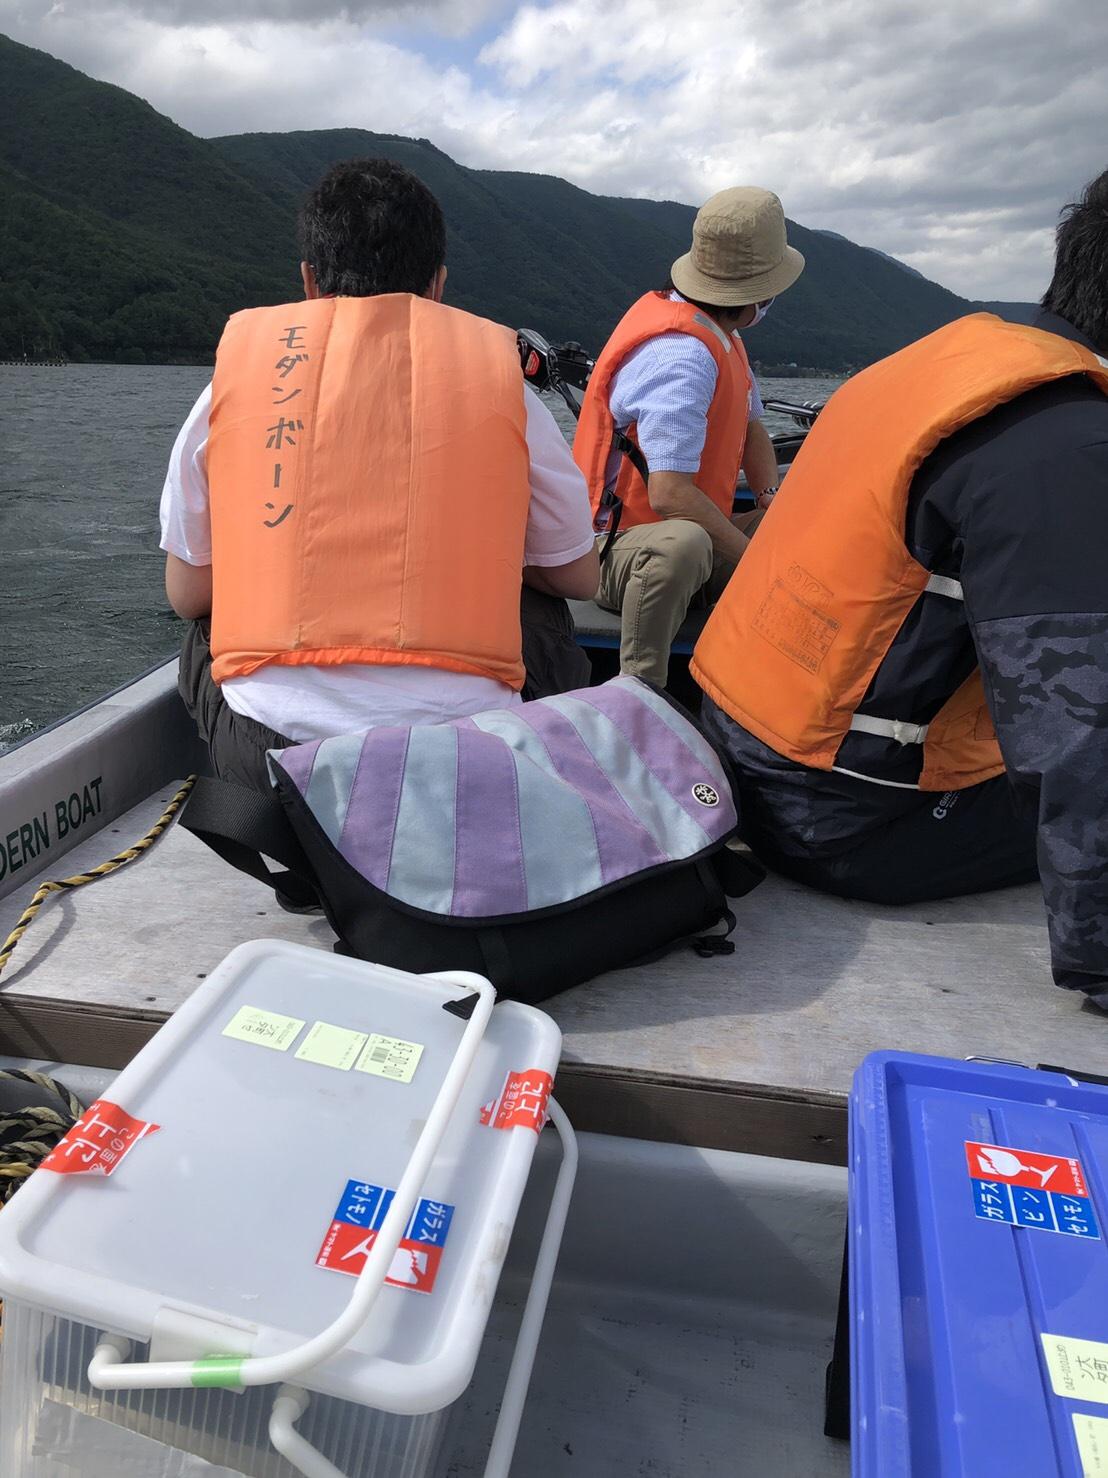 学校の水質調査実習で当店のボートをご利用いただきました!